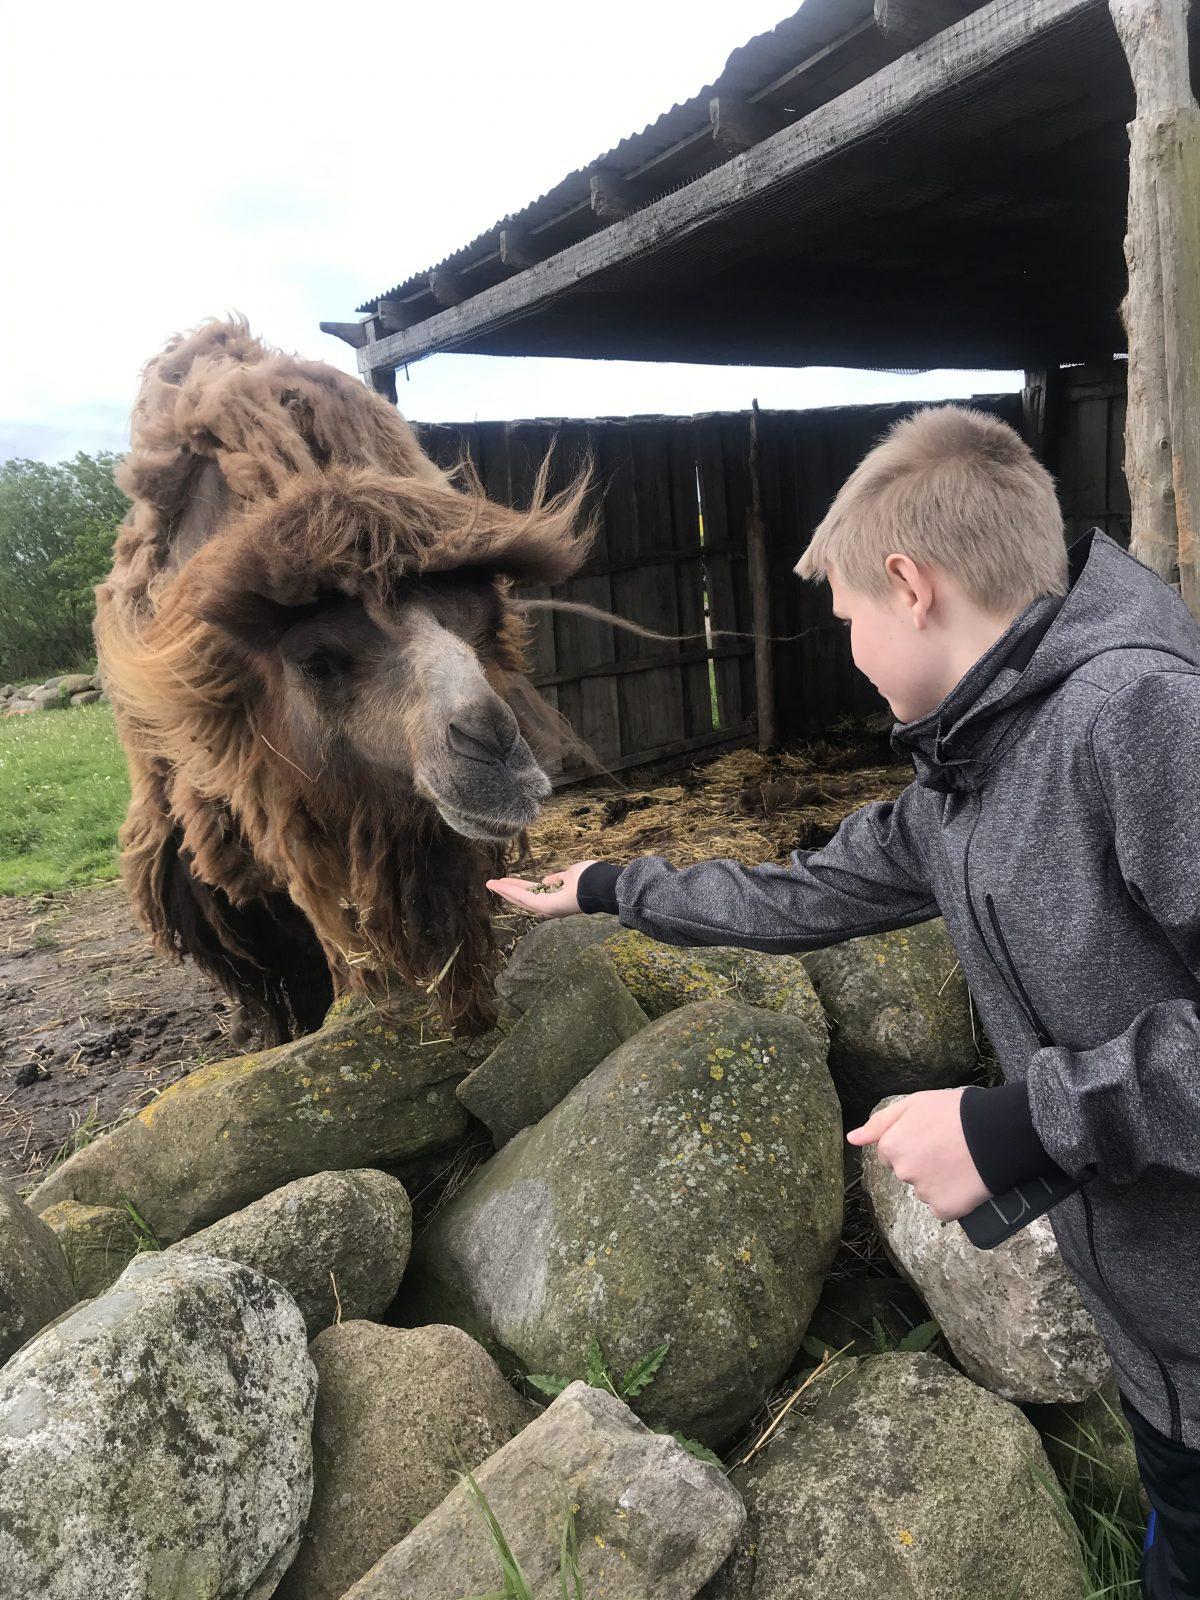 Boy feeding camel